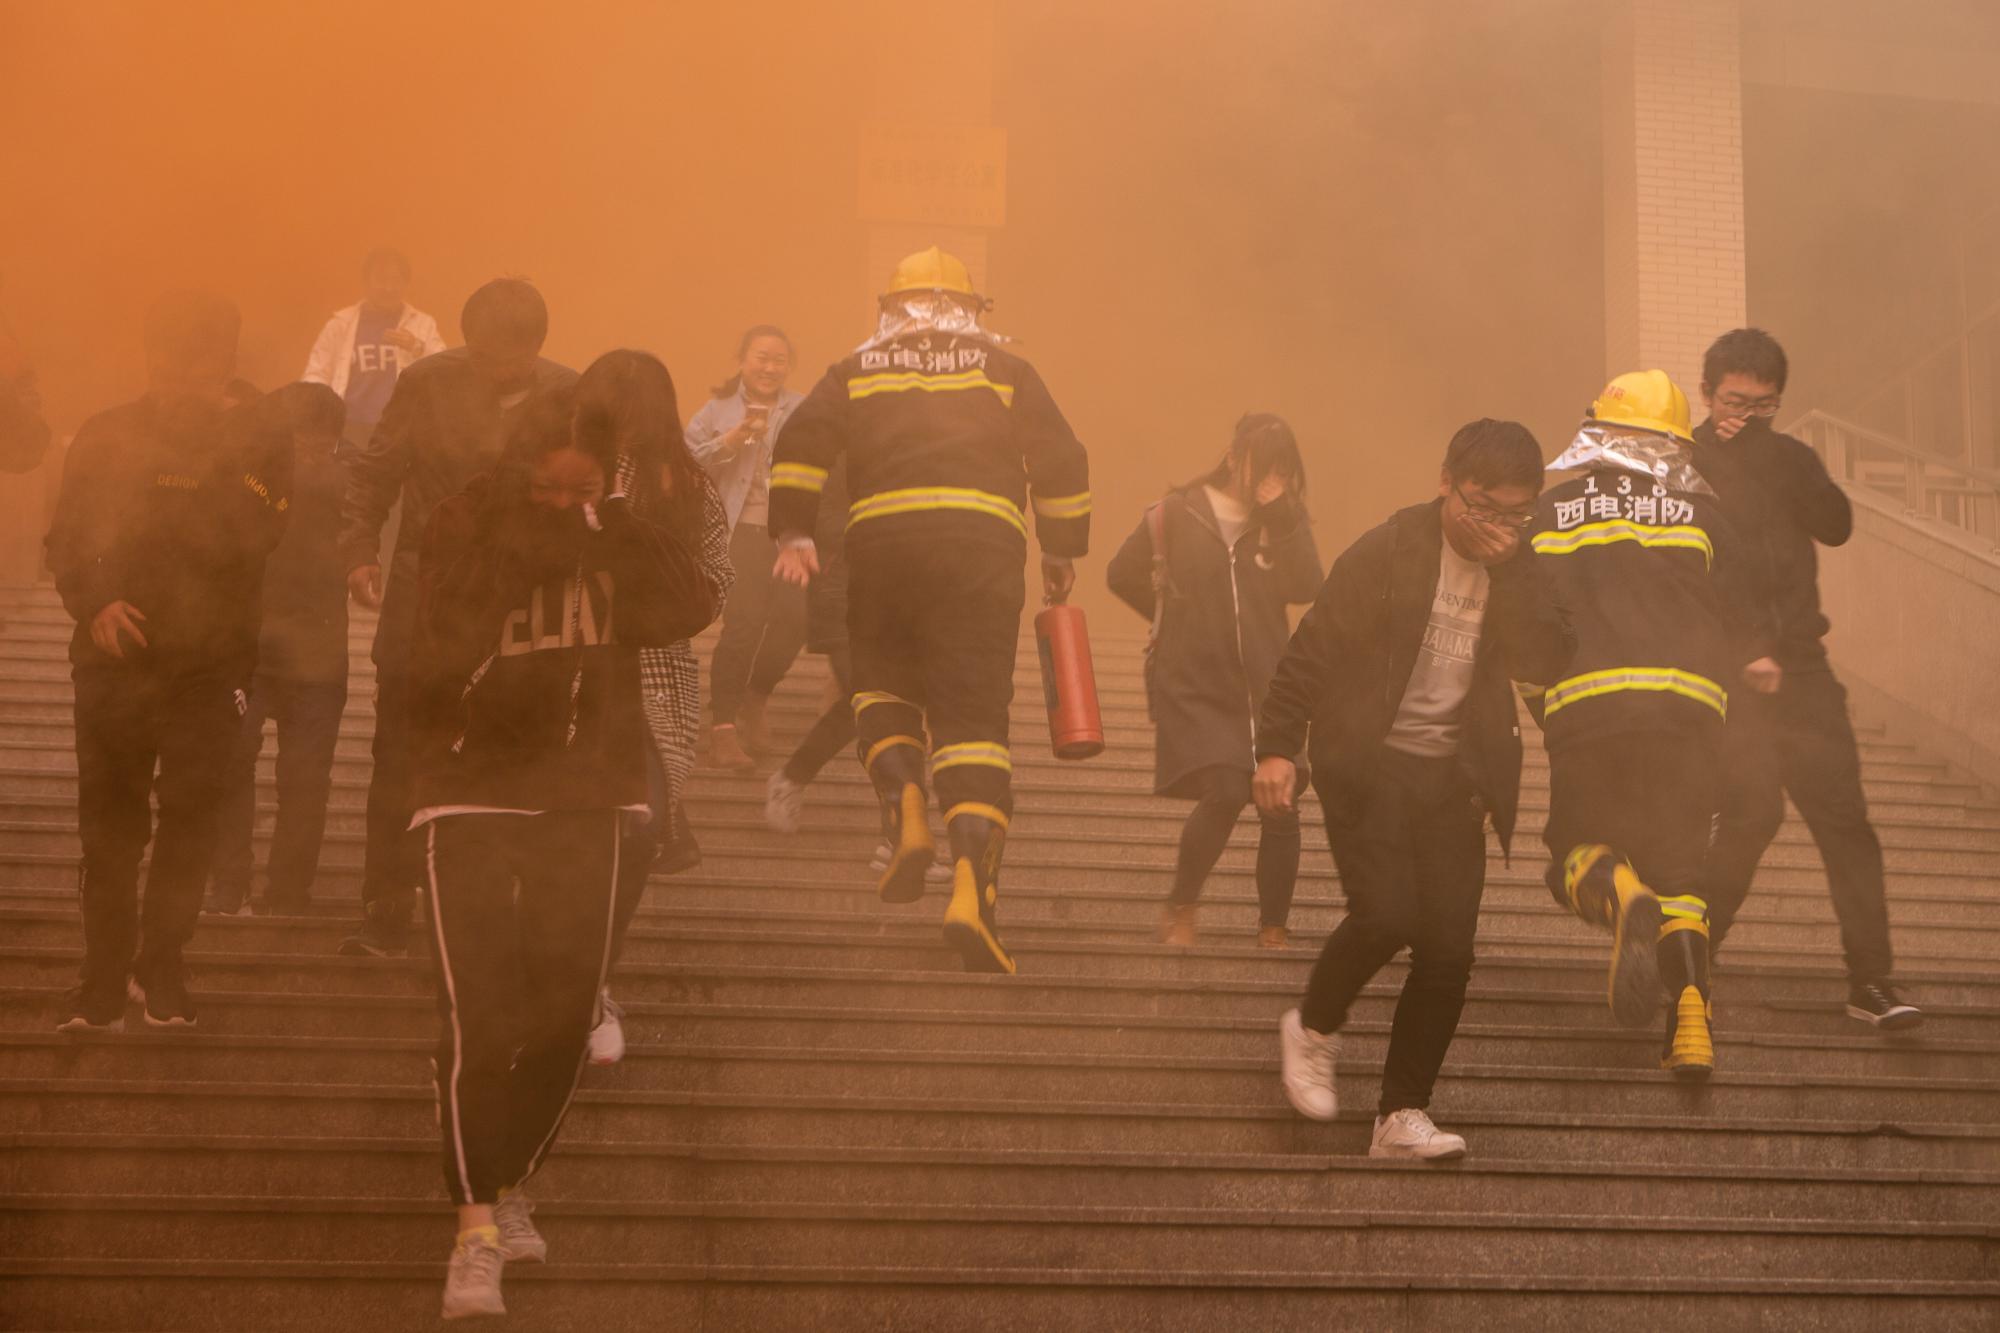 西电开展119消防系列活动 增强消防安全意识